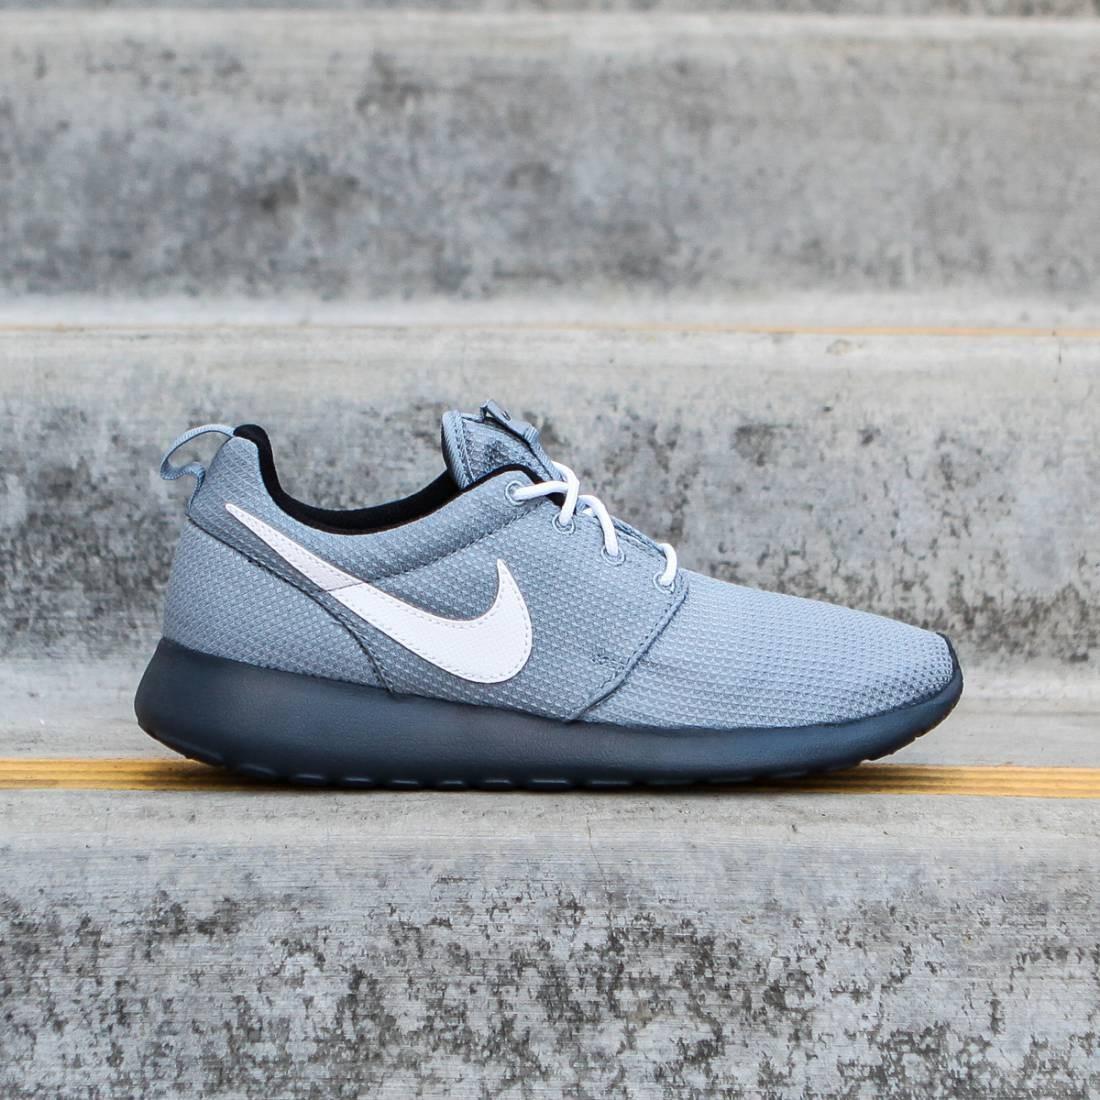 Nike Big Kids Rosherun GS (magnet grey / white)